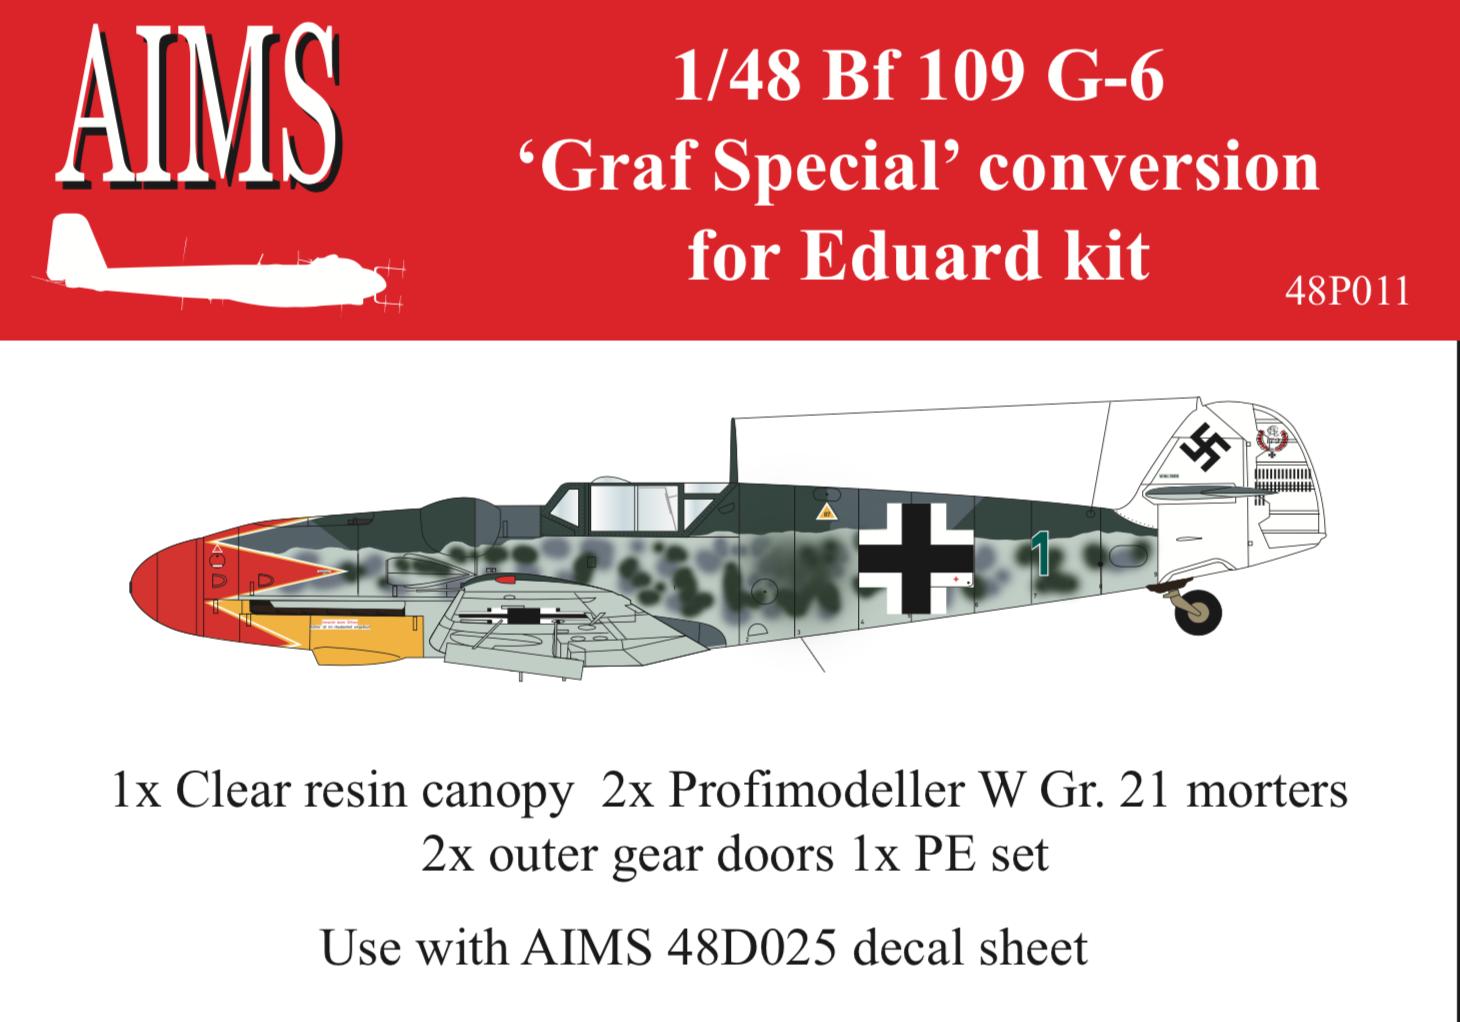 AIMSP48011